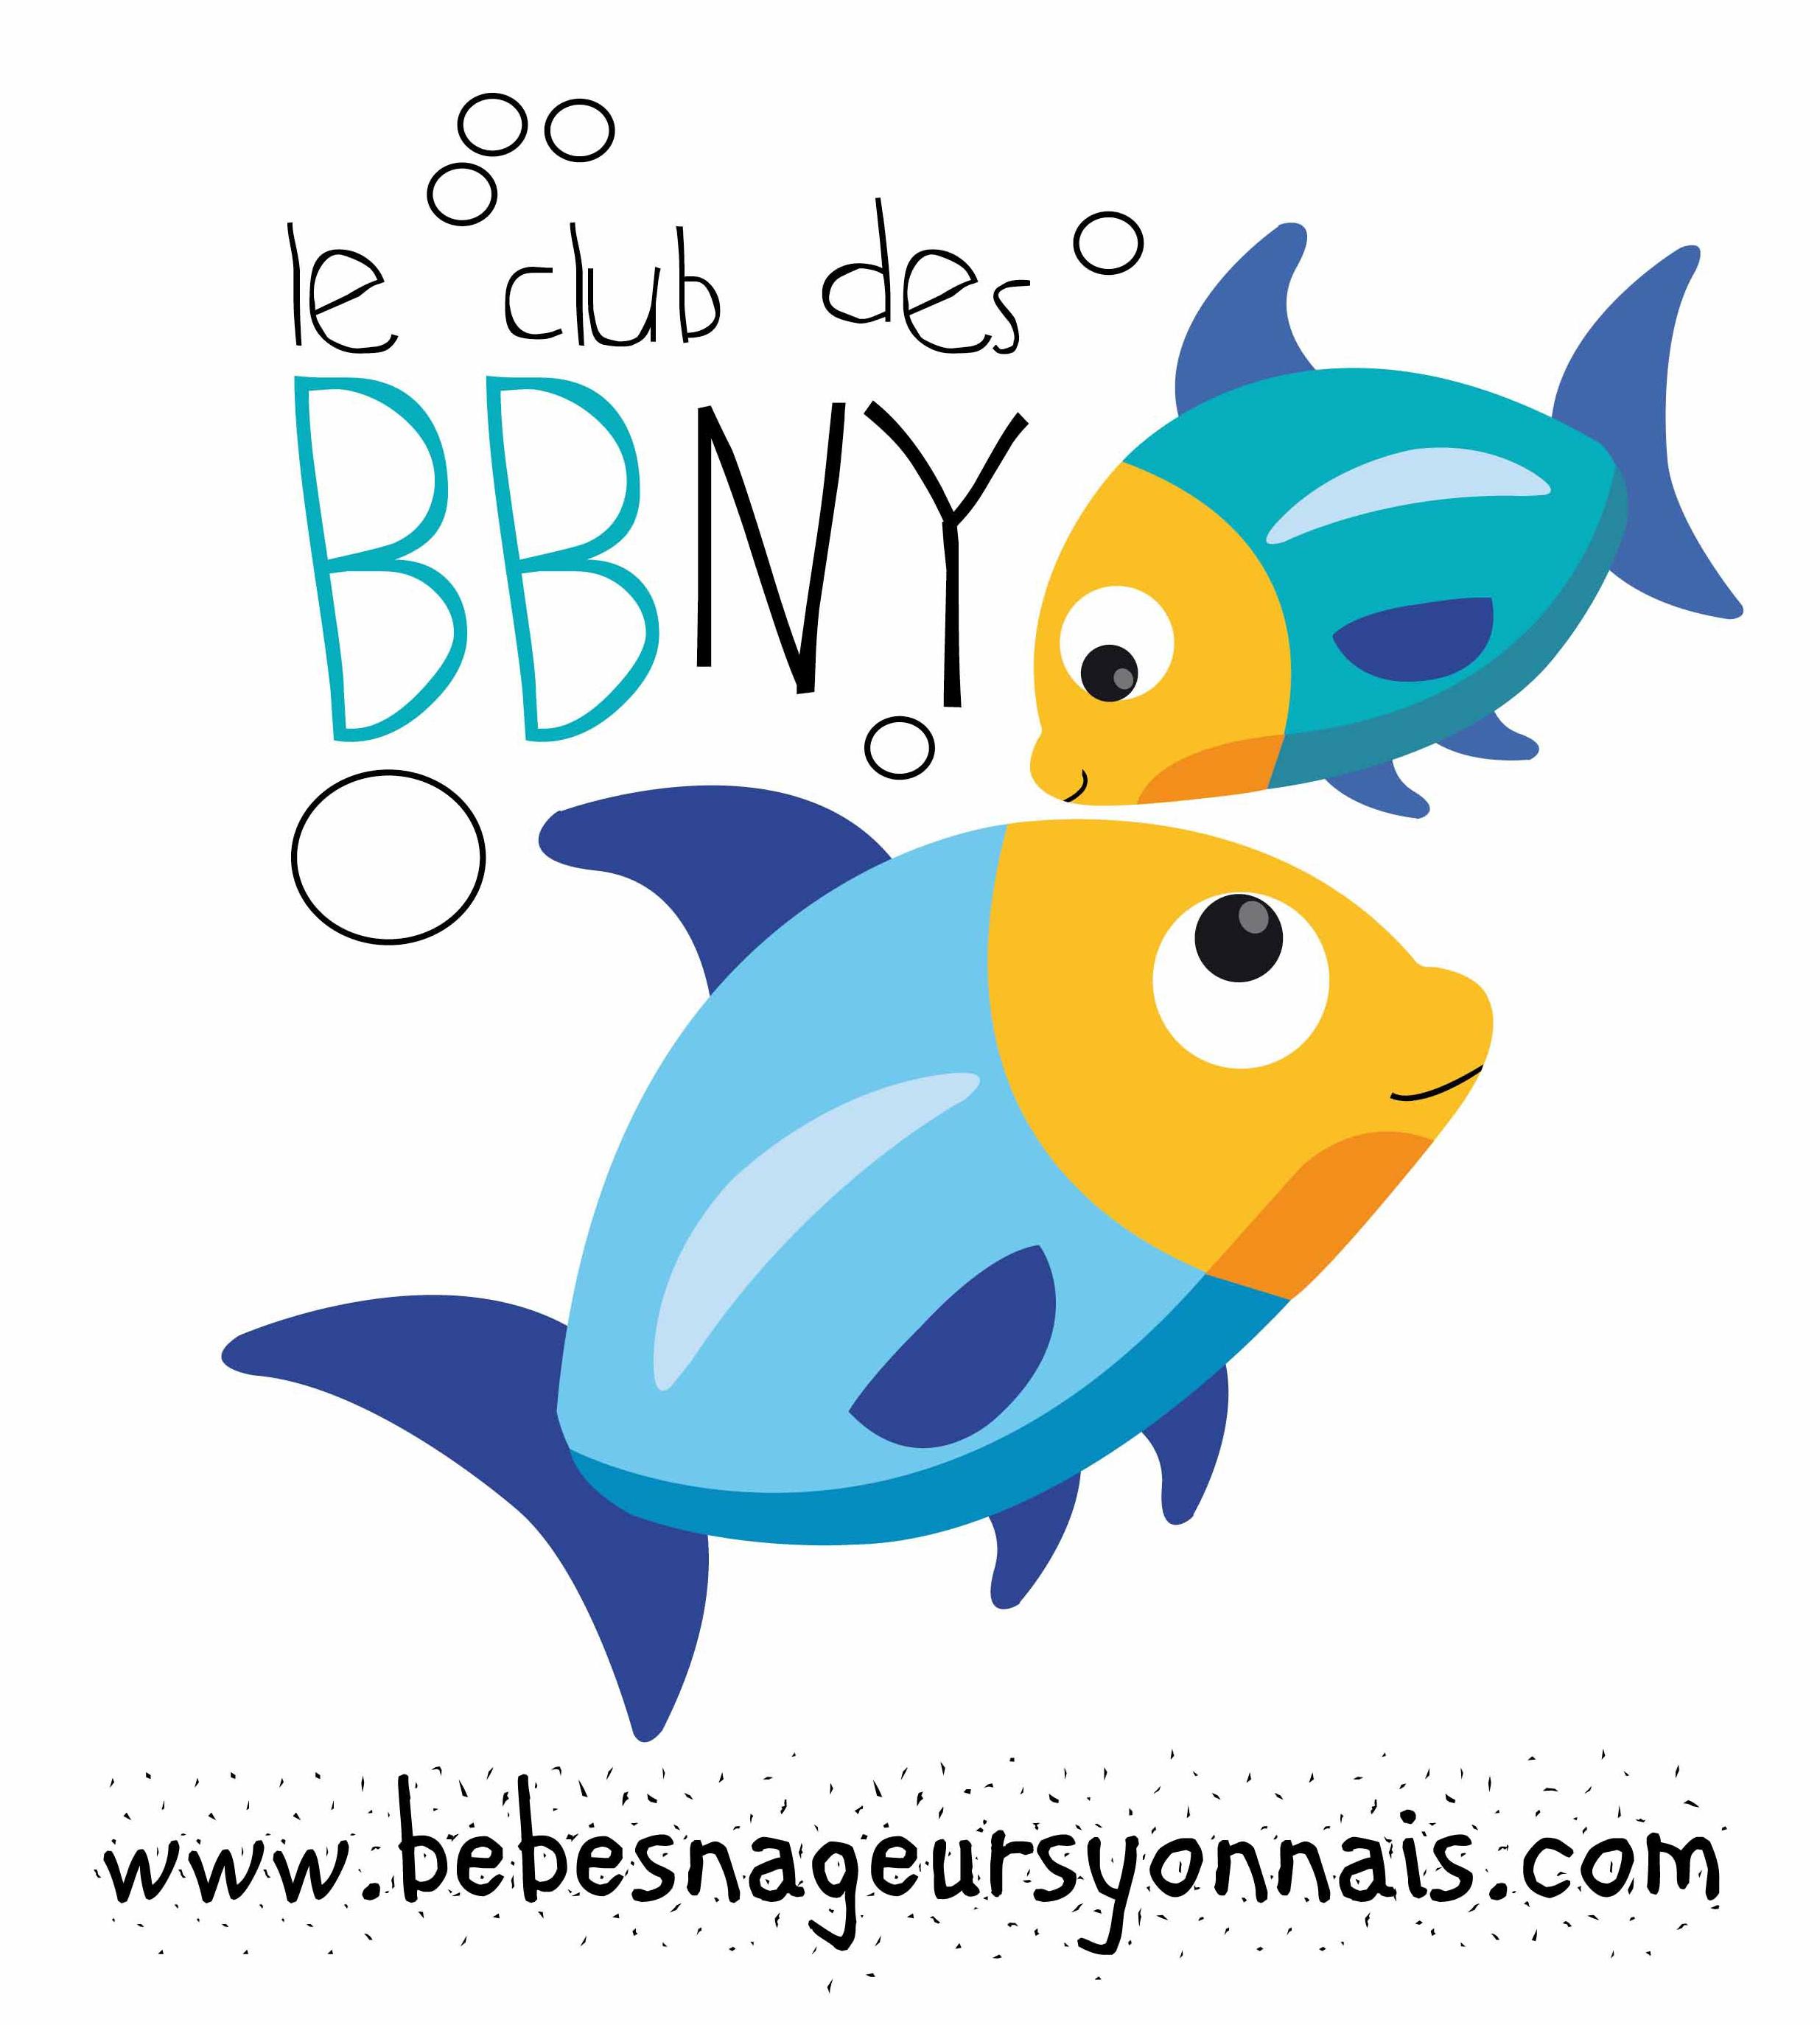 bc3a9bc3a9snageurs-yonnais-copie.jpg